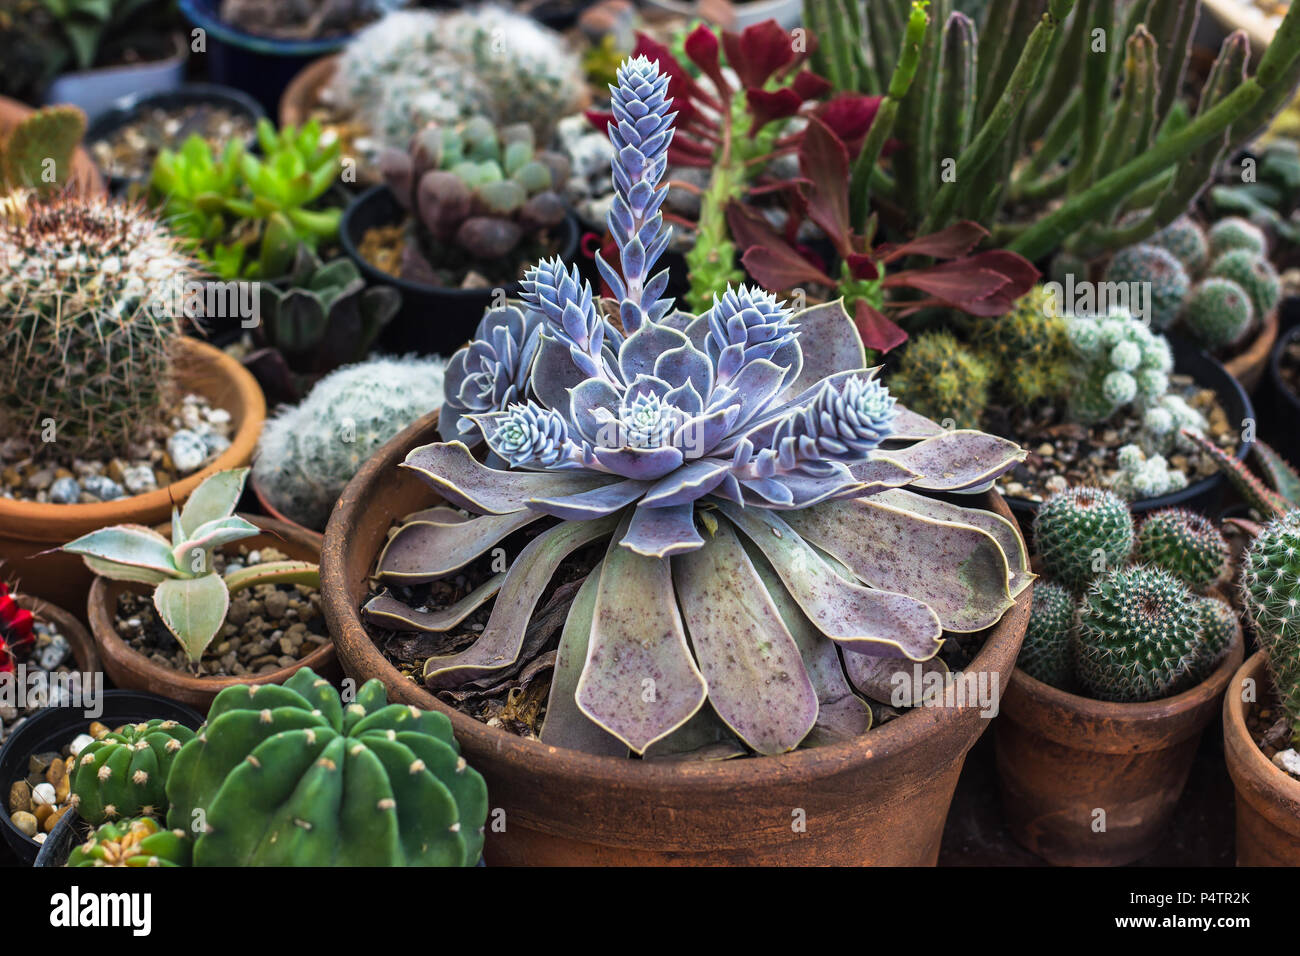 Colección de cactus y plantas suculentas en el jardín. Pequeño cactus y suculentas en casa y jardín. Foto de stock